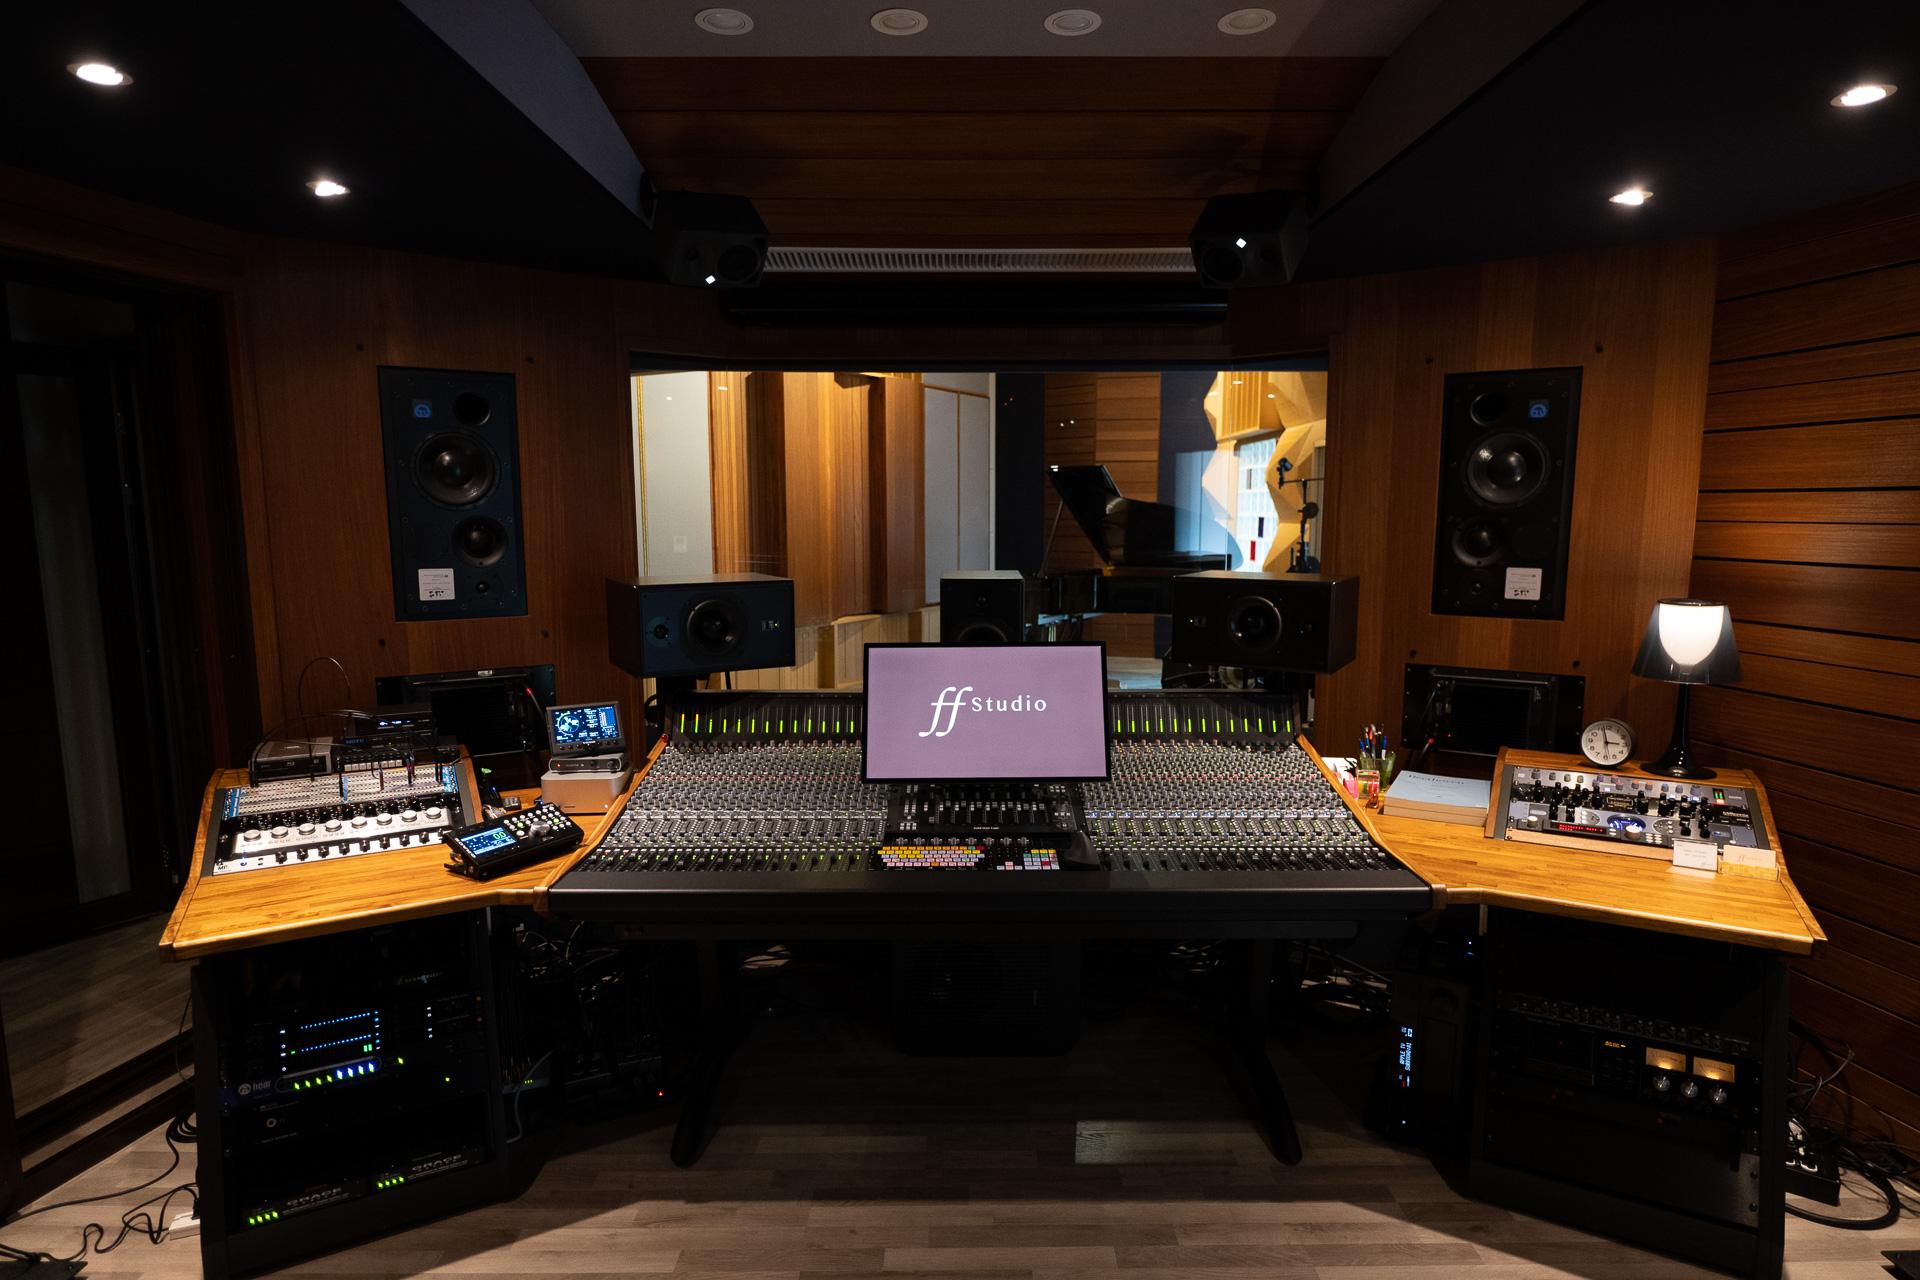 Celemony melodyne Studio Edition 3 2 2 2